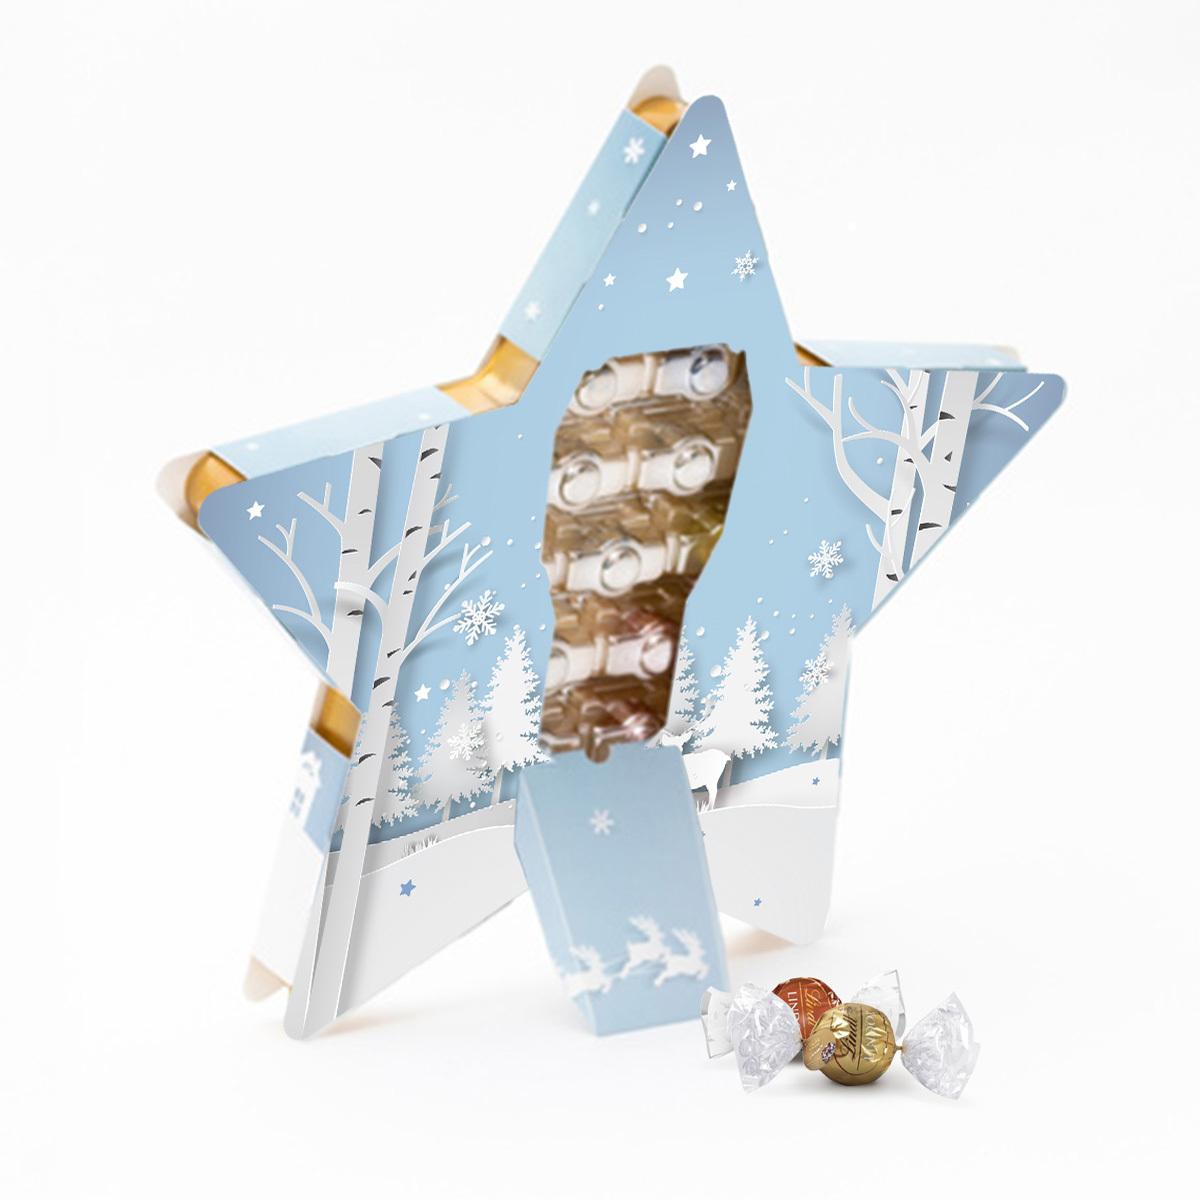 Адвент календарь «Звезда» с индивидуальным дизайном